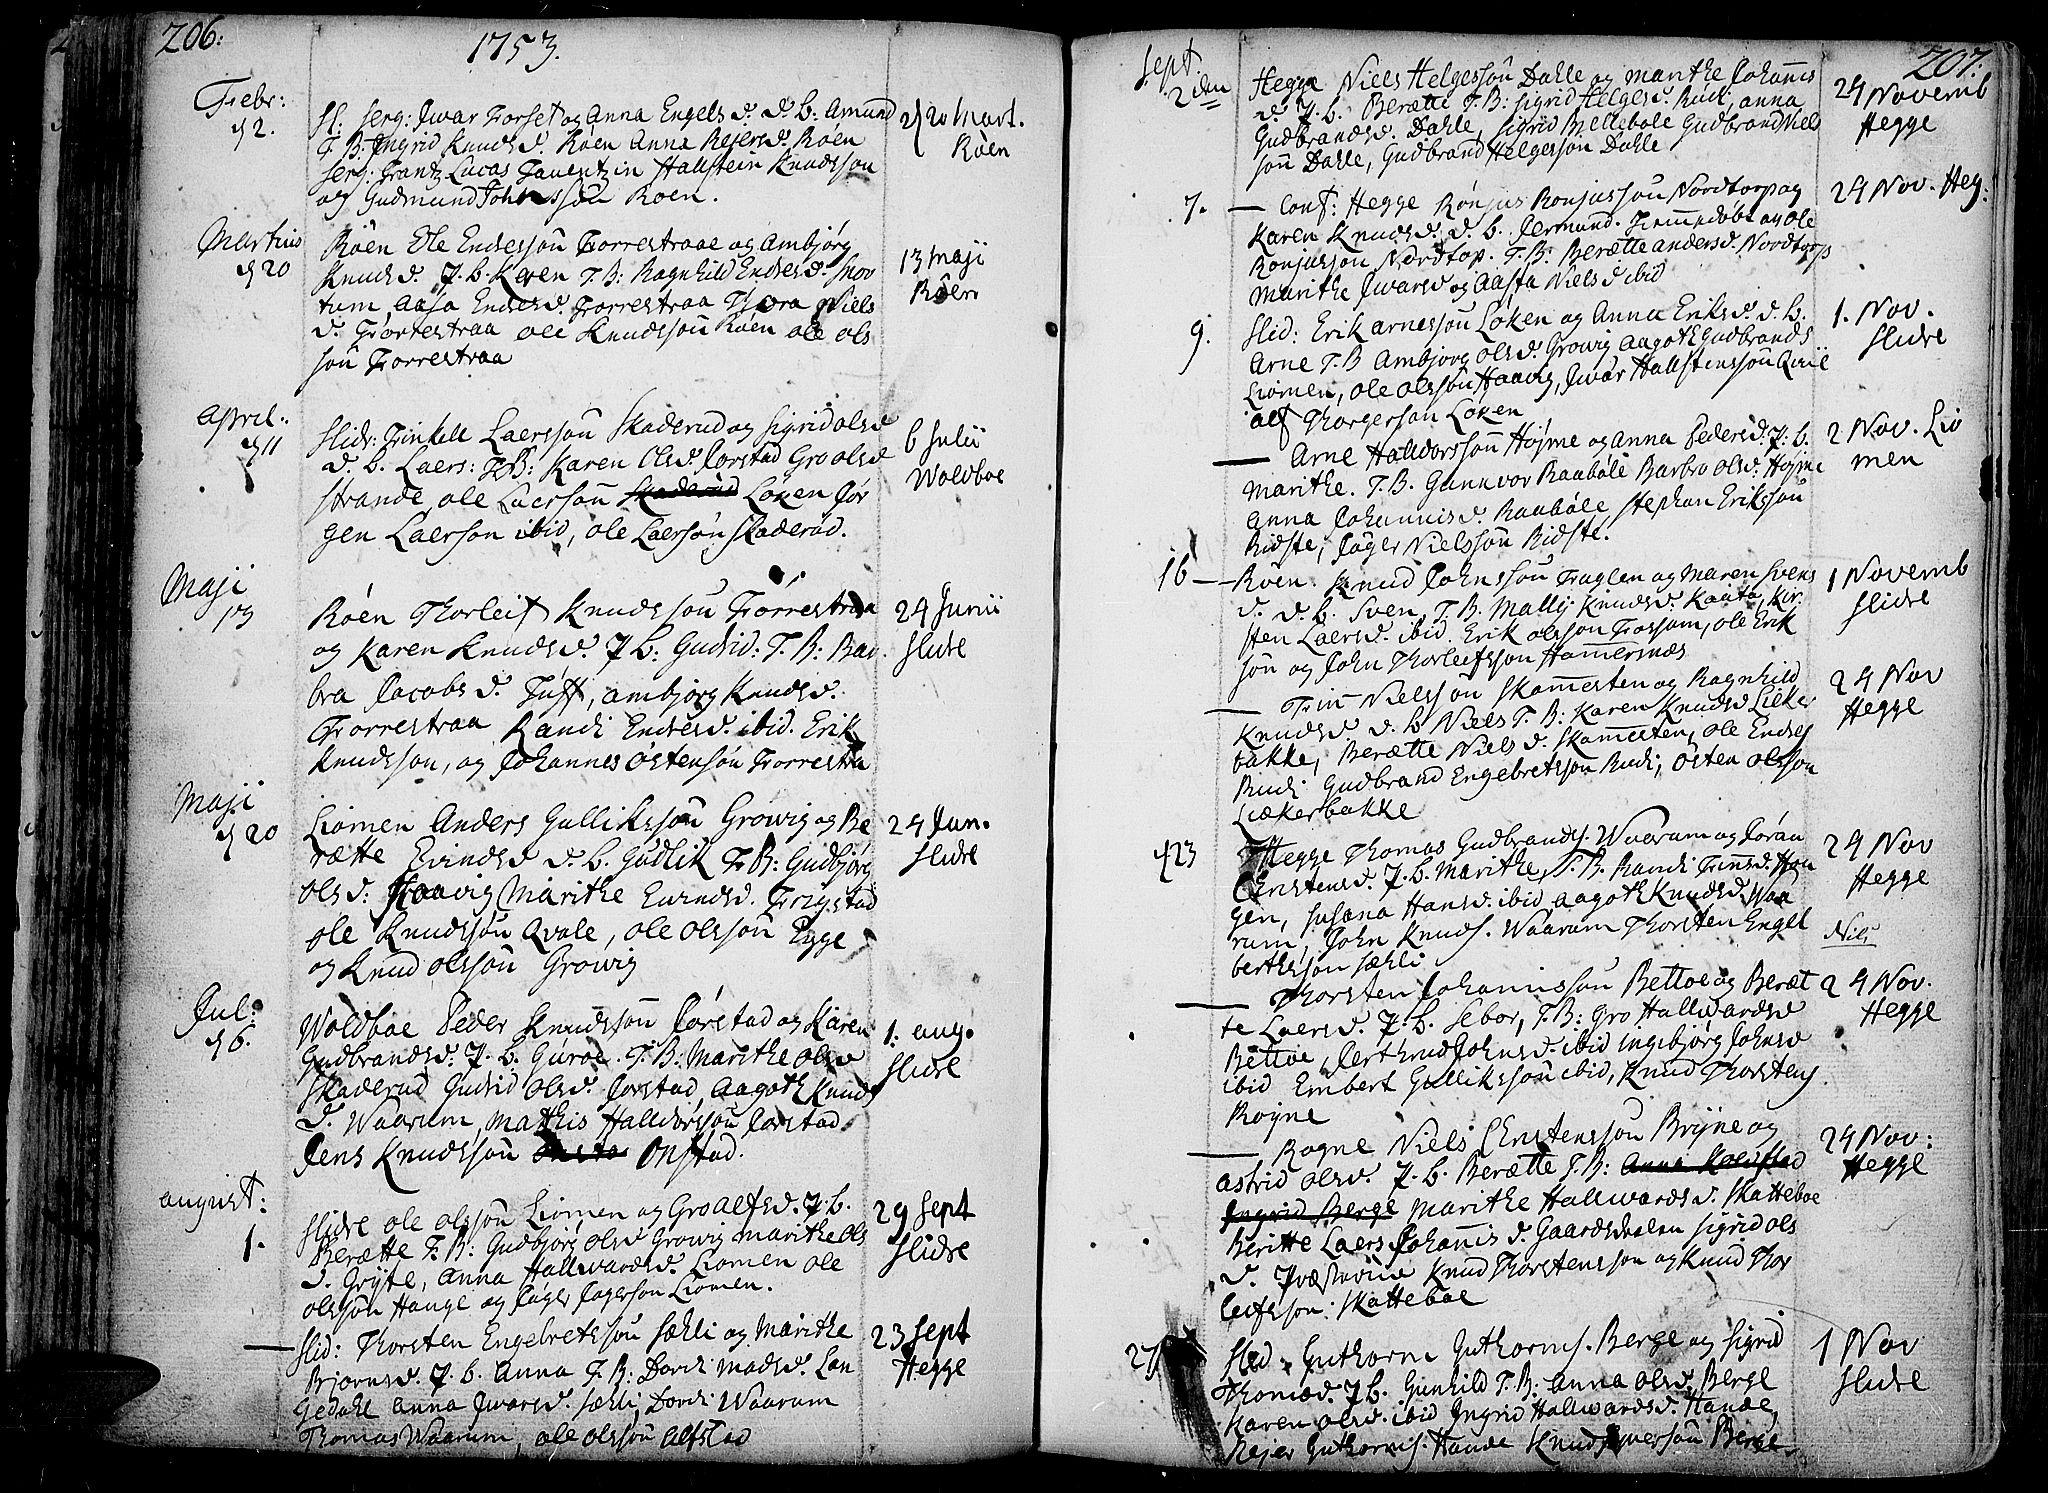 SAH, Slidre prestekontor, Ministerialbok nr. 1, 1724-1814, s. 206-207